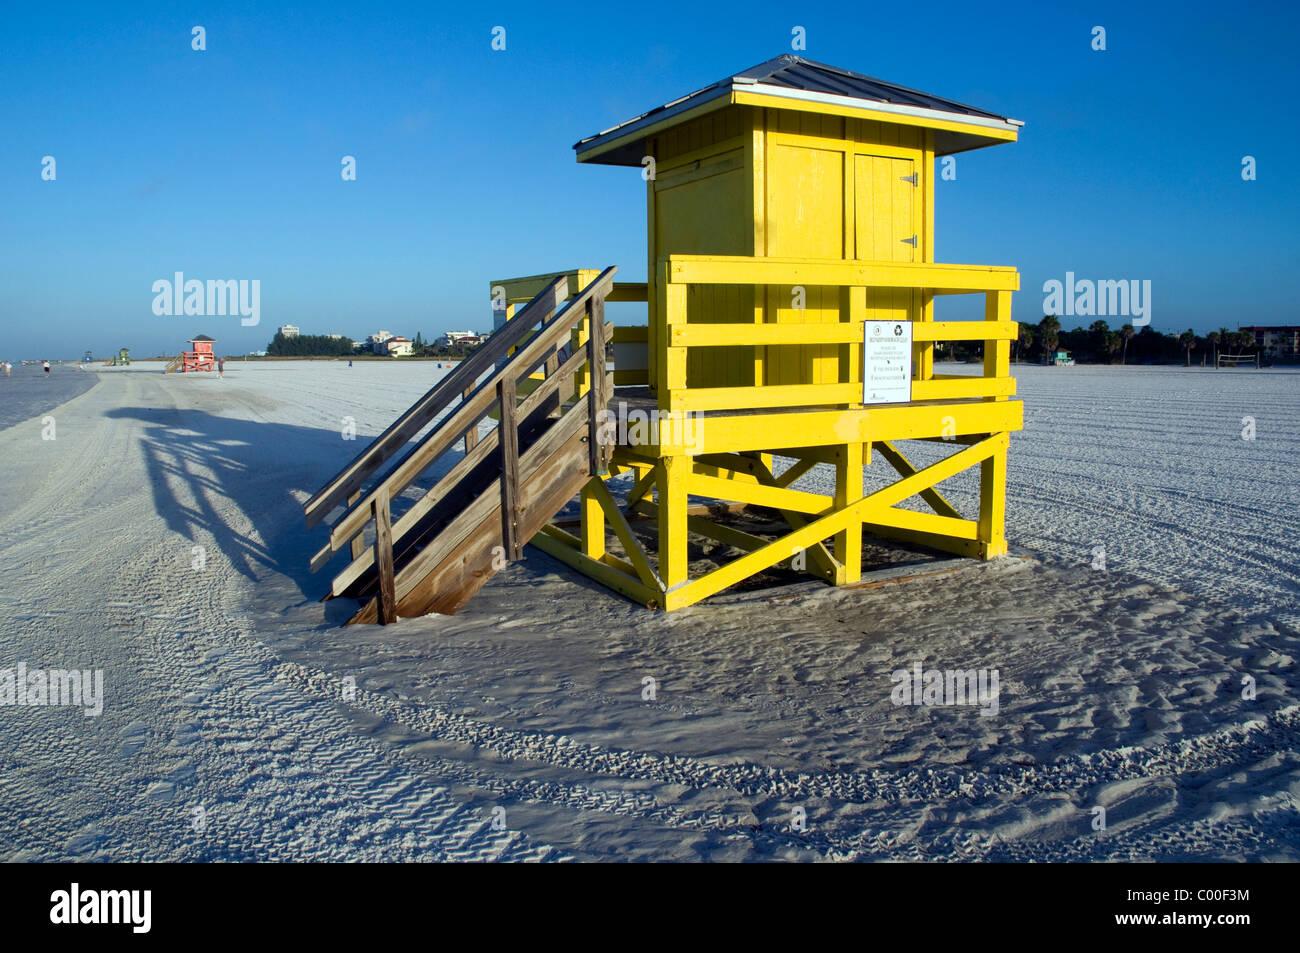 Lifeguard Hut Dawn Siesta Key Beach Florida Sarasota USA - Stock Image